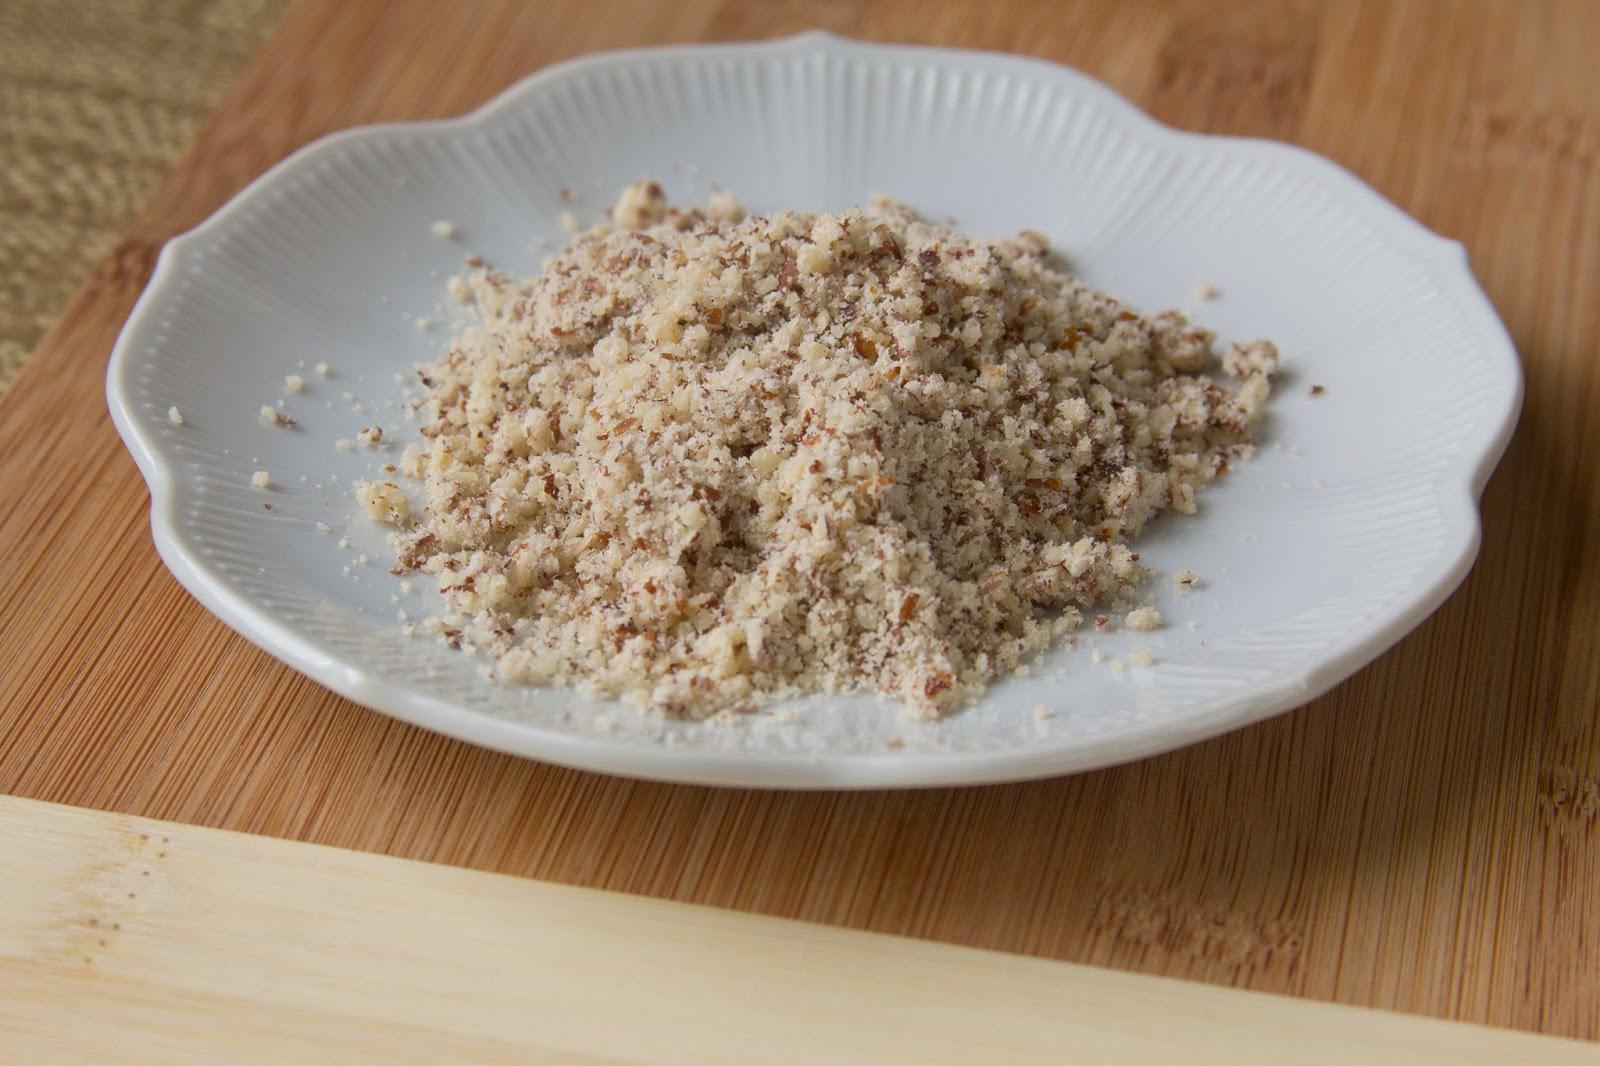 Hazelnut-flour